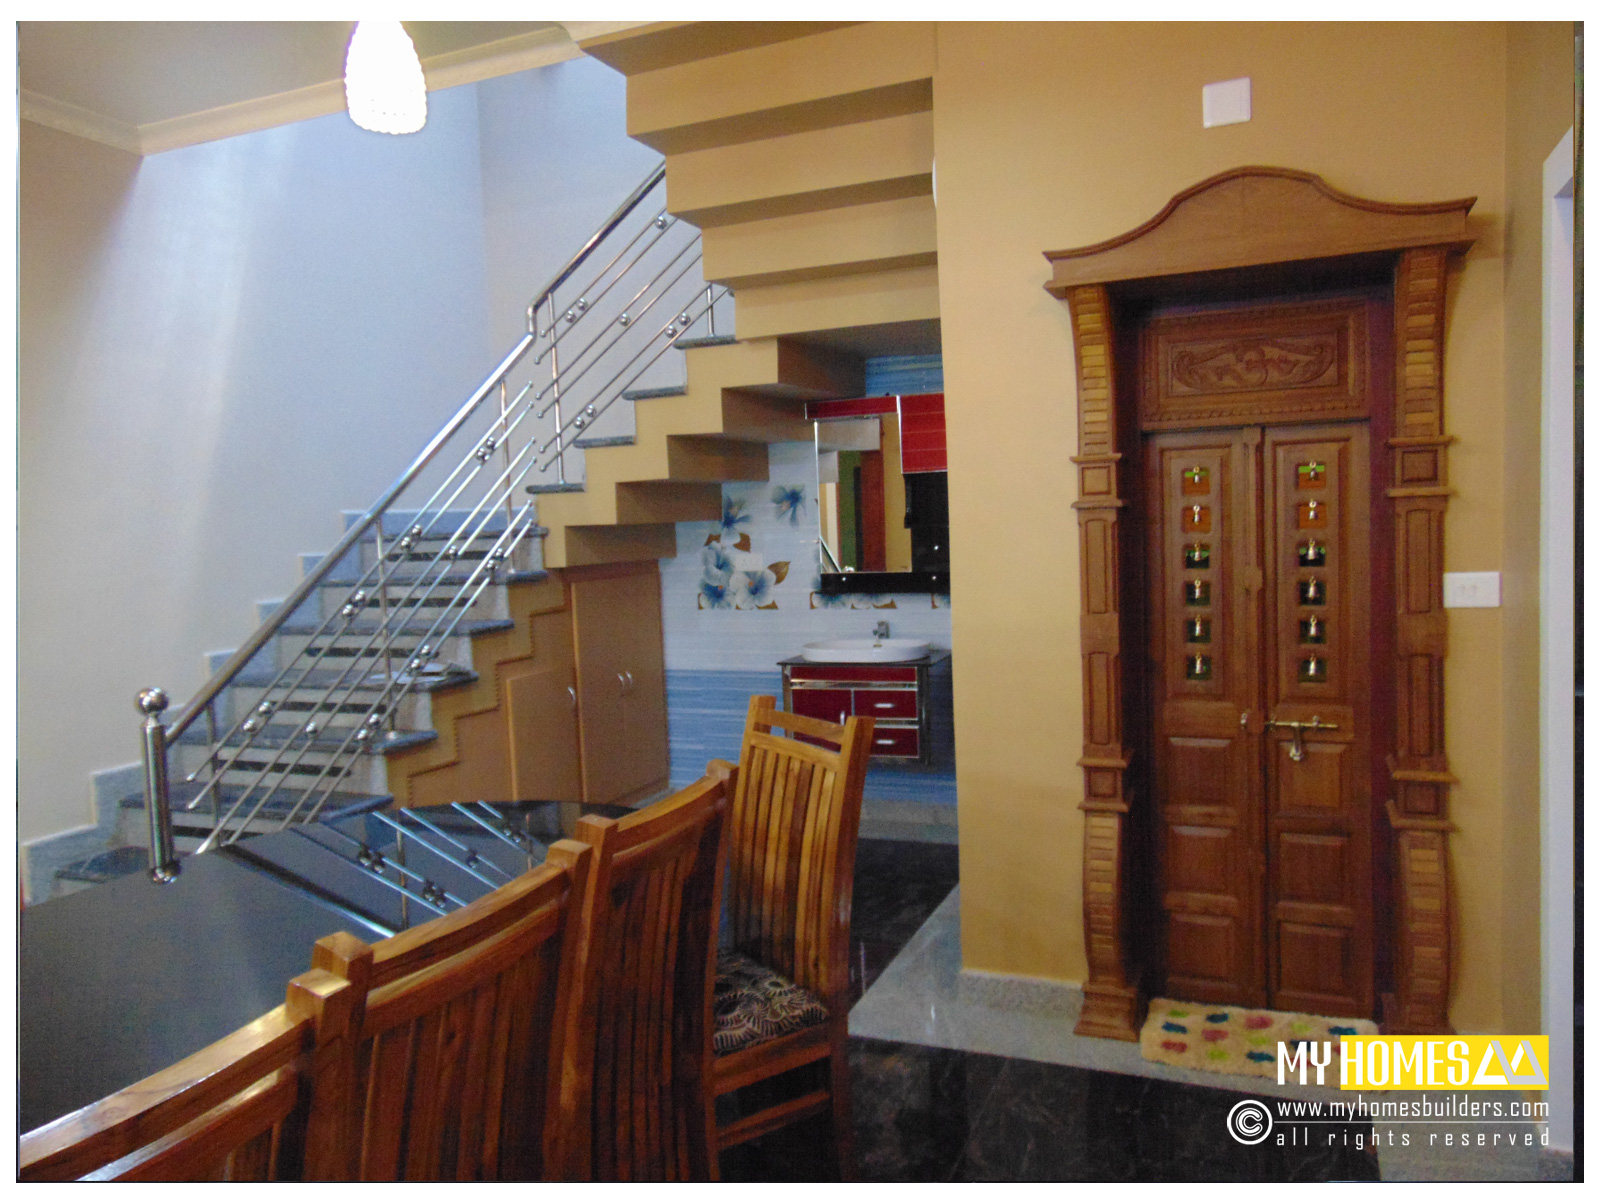 kerala pooja room designs, pooja room interior, kerala house pooja rooms, pooja room in kerala houses